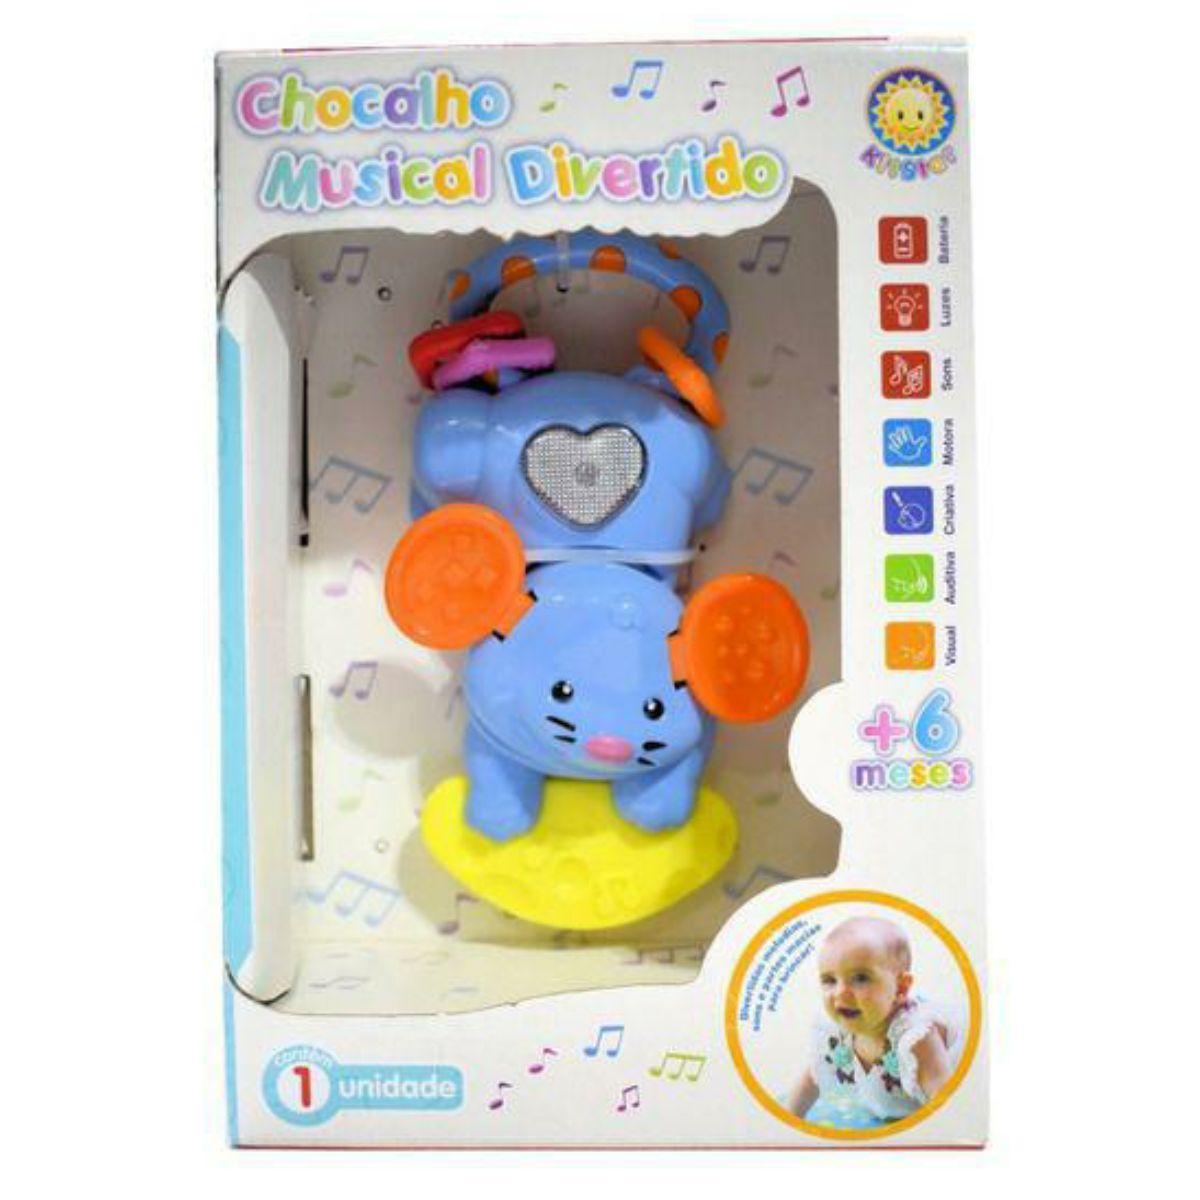 Chocalho Musical Divertido - Ratinho